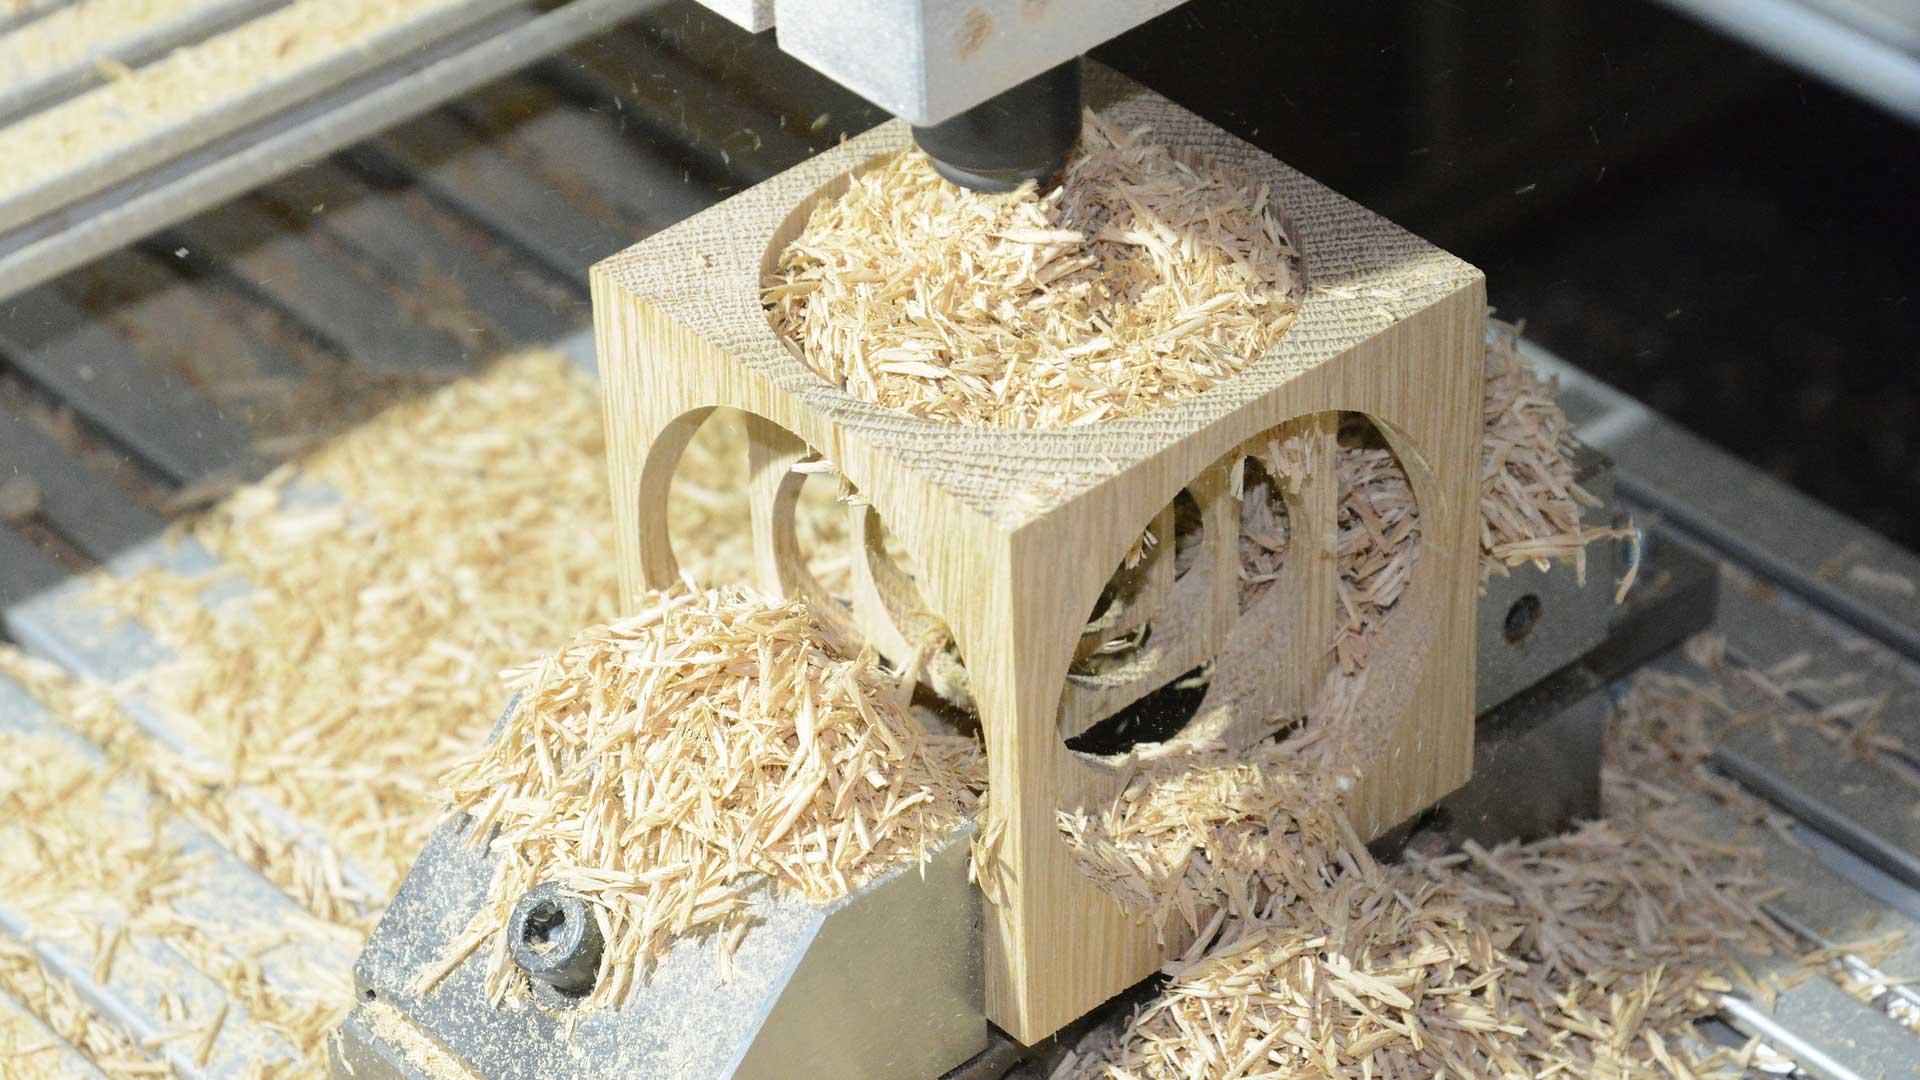 Macchine cnc cosa sono - lavorazione del legno